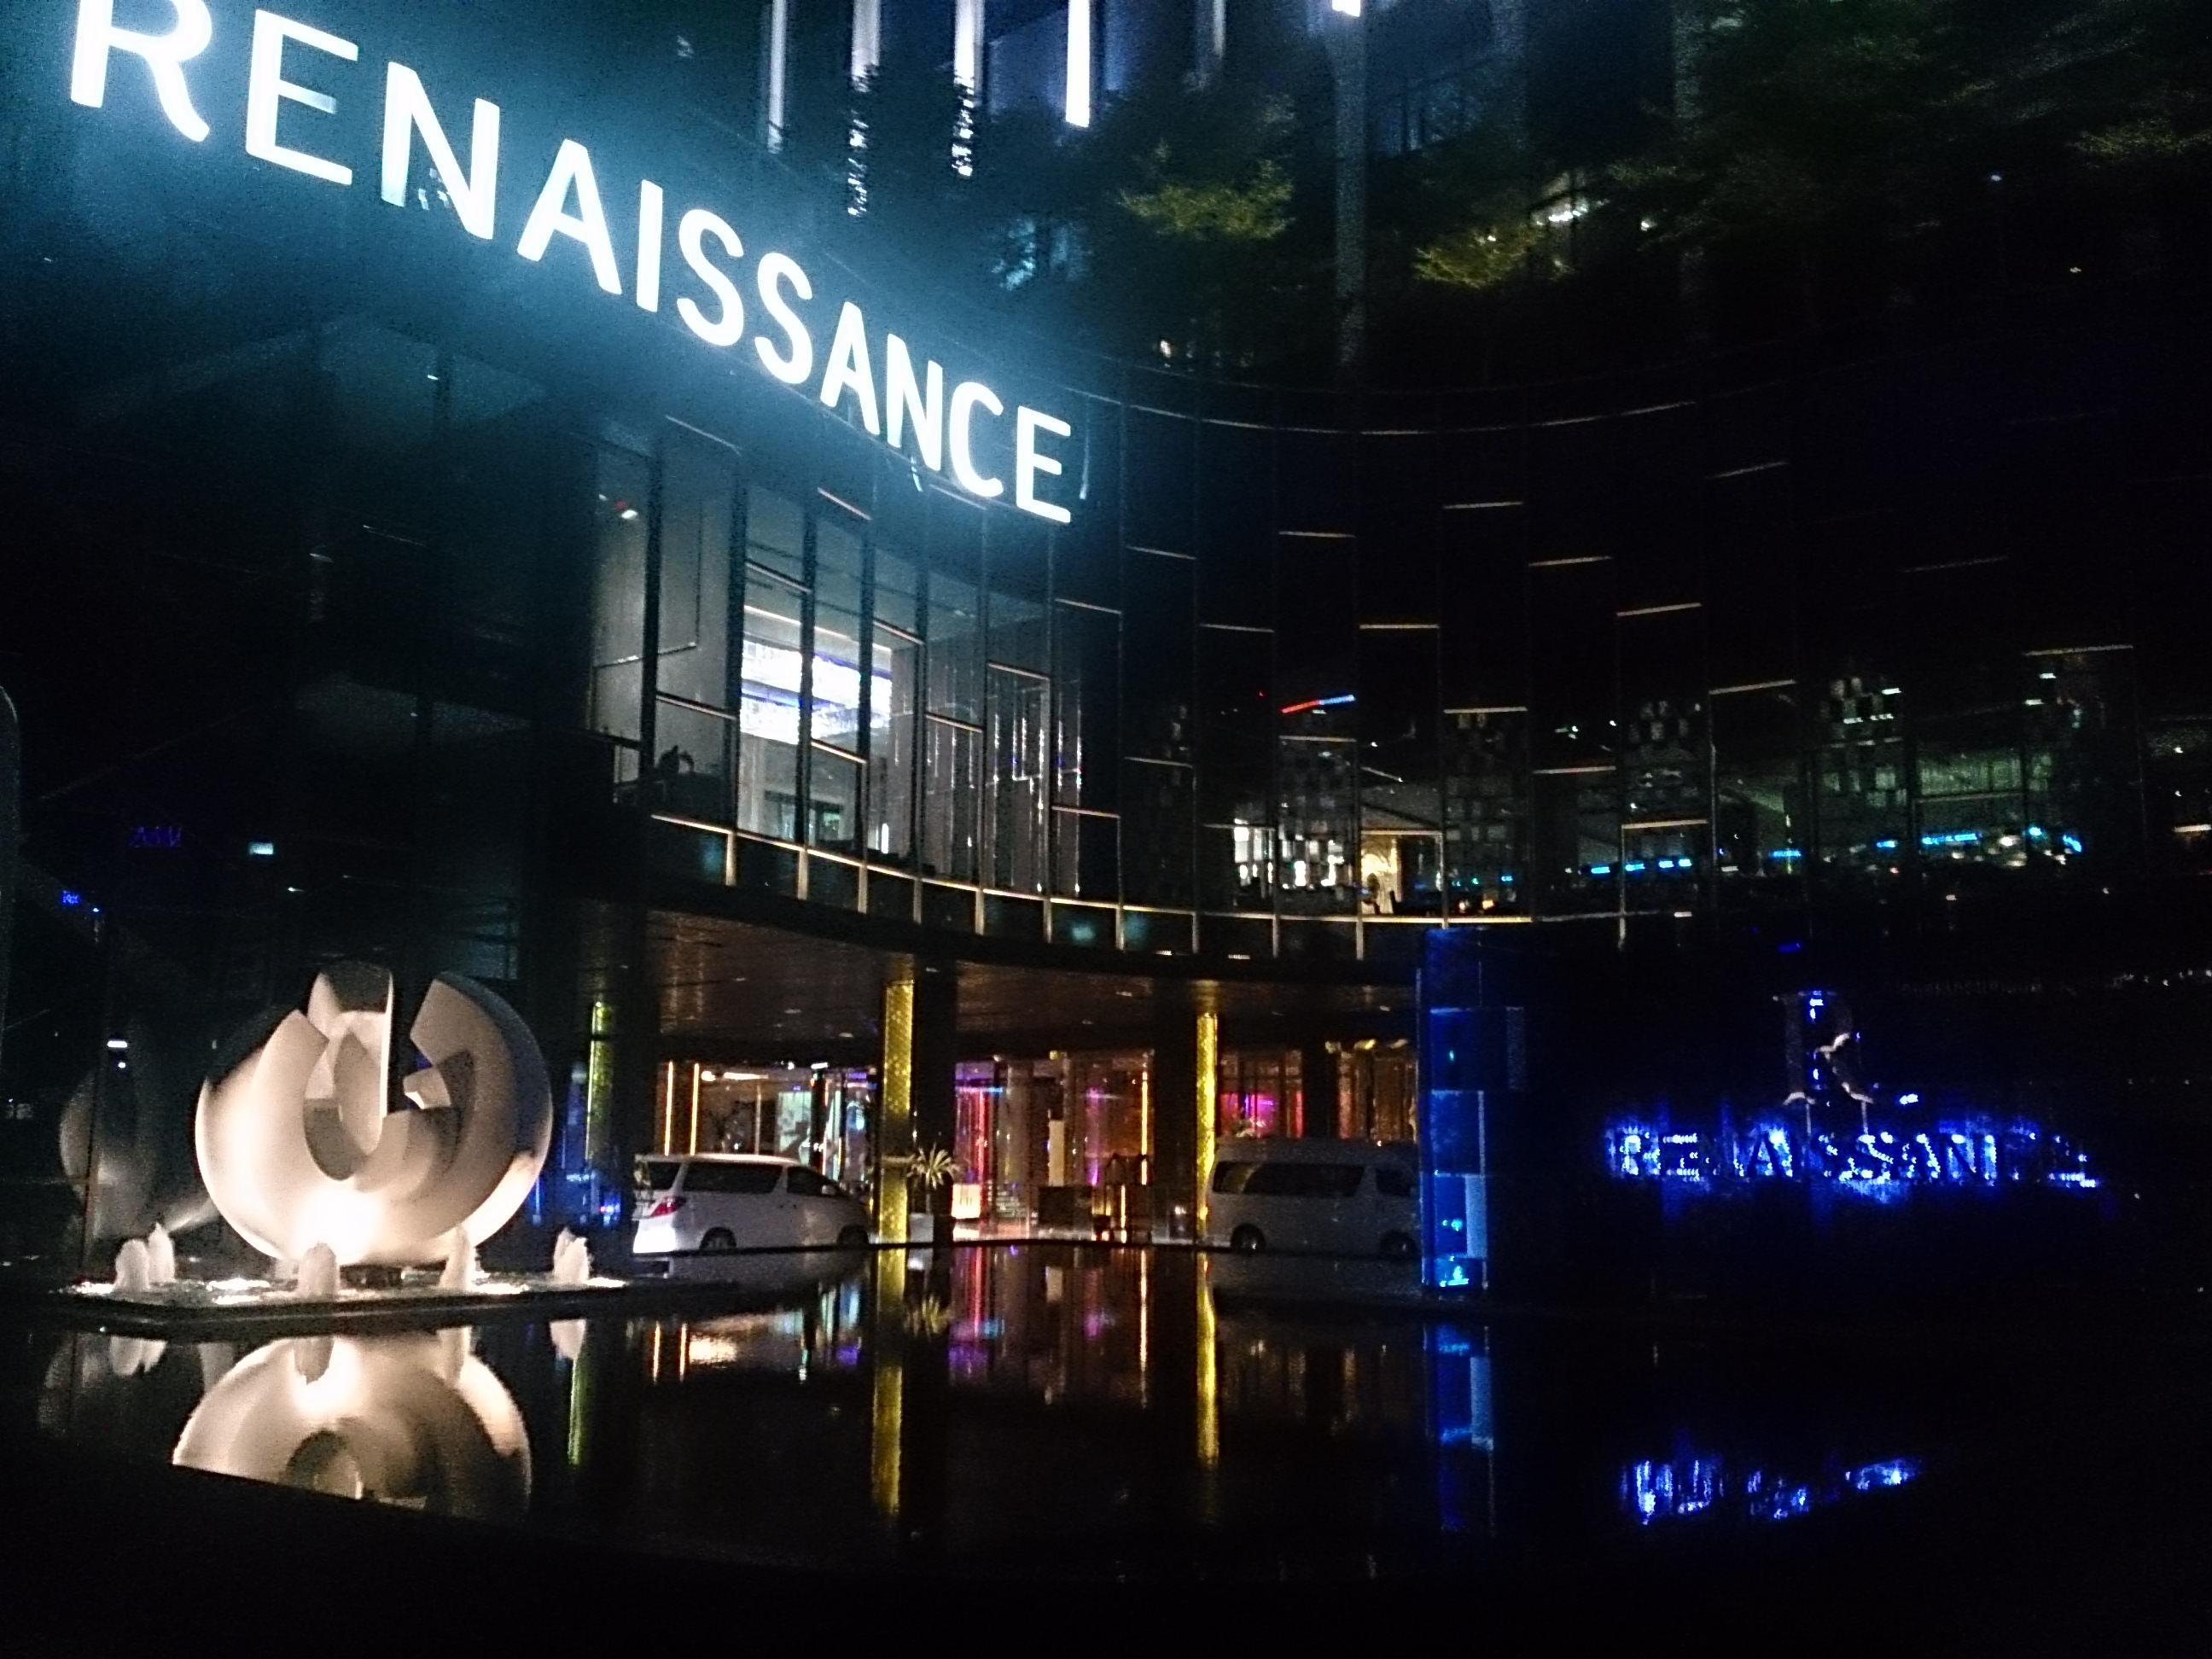 ルネッサンス バンコク ラッチャプラソーン クラブルーム宿泊記/Renaissance Bangkok Ratchaprasong Hotel